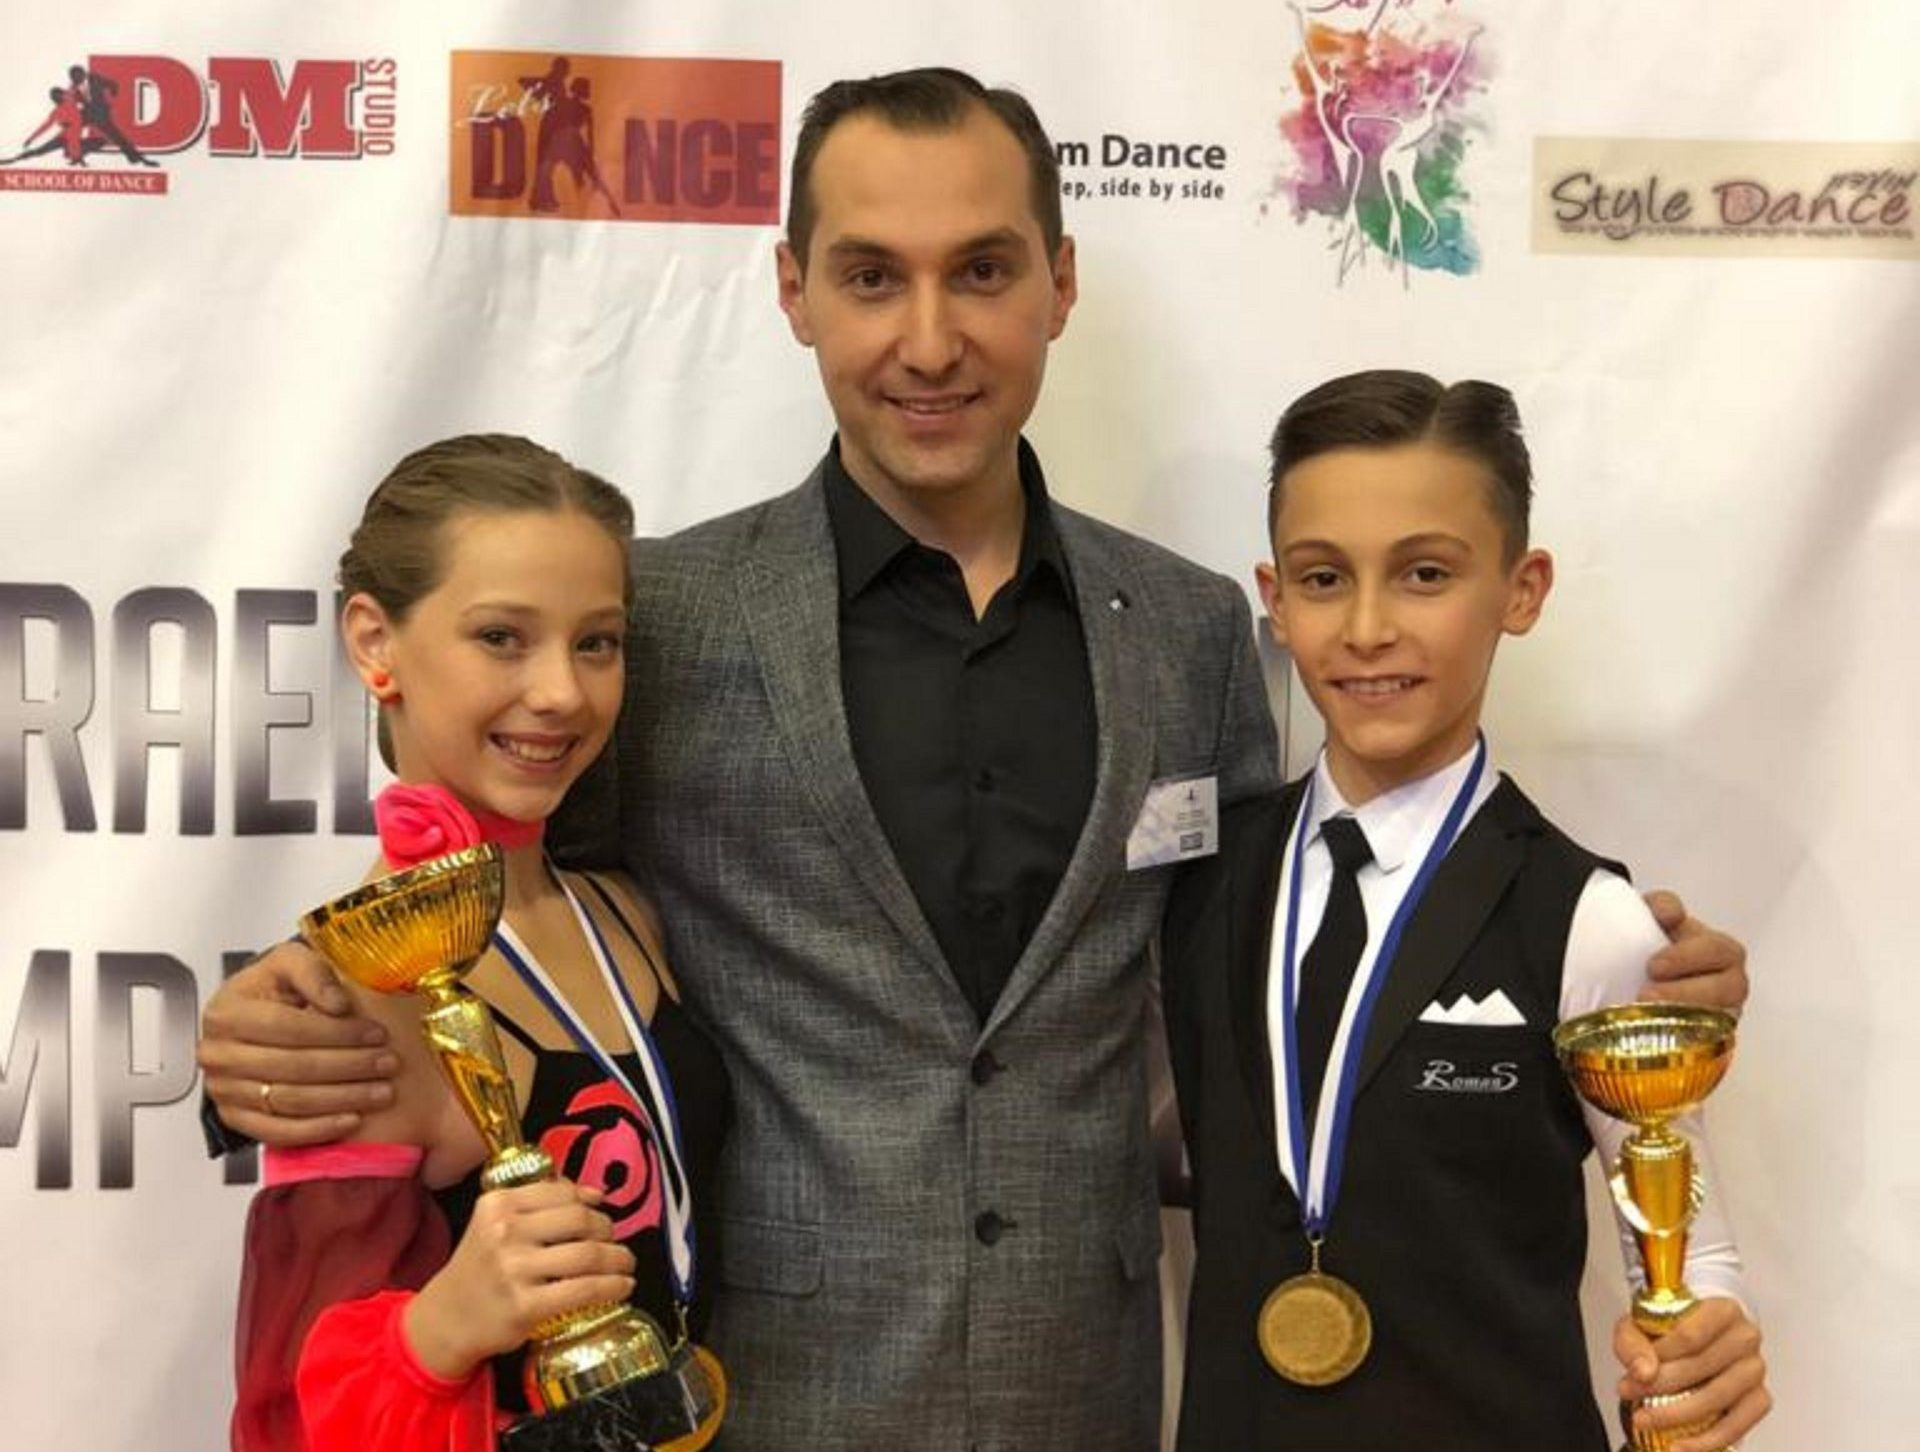 מימין, כרמל סומקין, המאמן מיכאל סומקין ודיאנה קנדליס. כו במקום הראשון באליפות ישראל לריקודים סלוניים לגילאי 12-13. צילום: מיכאל קנדליס